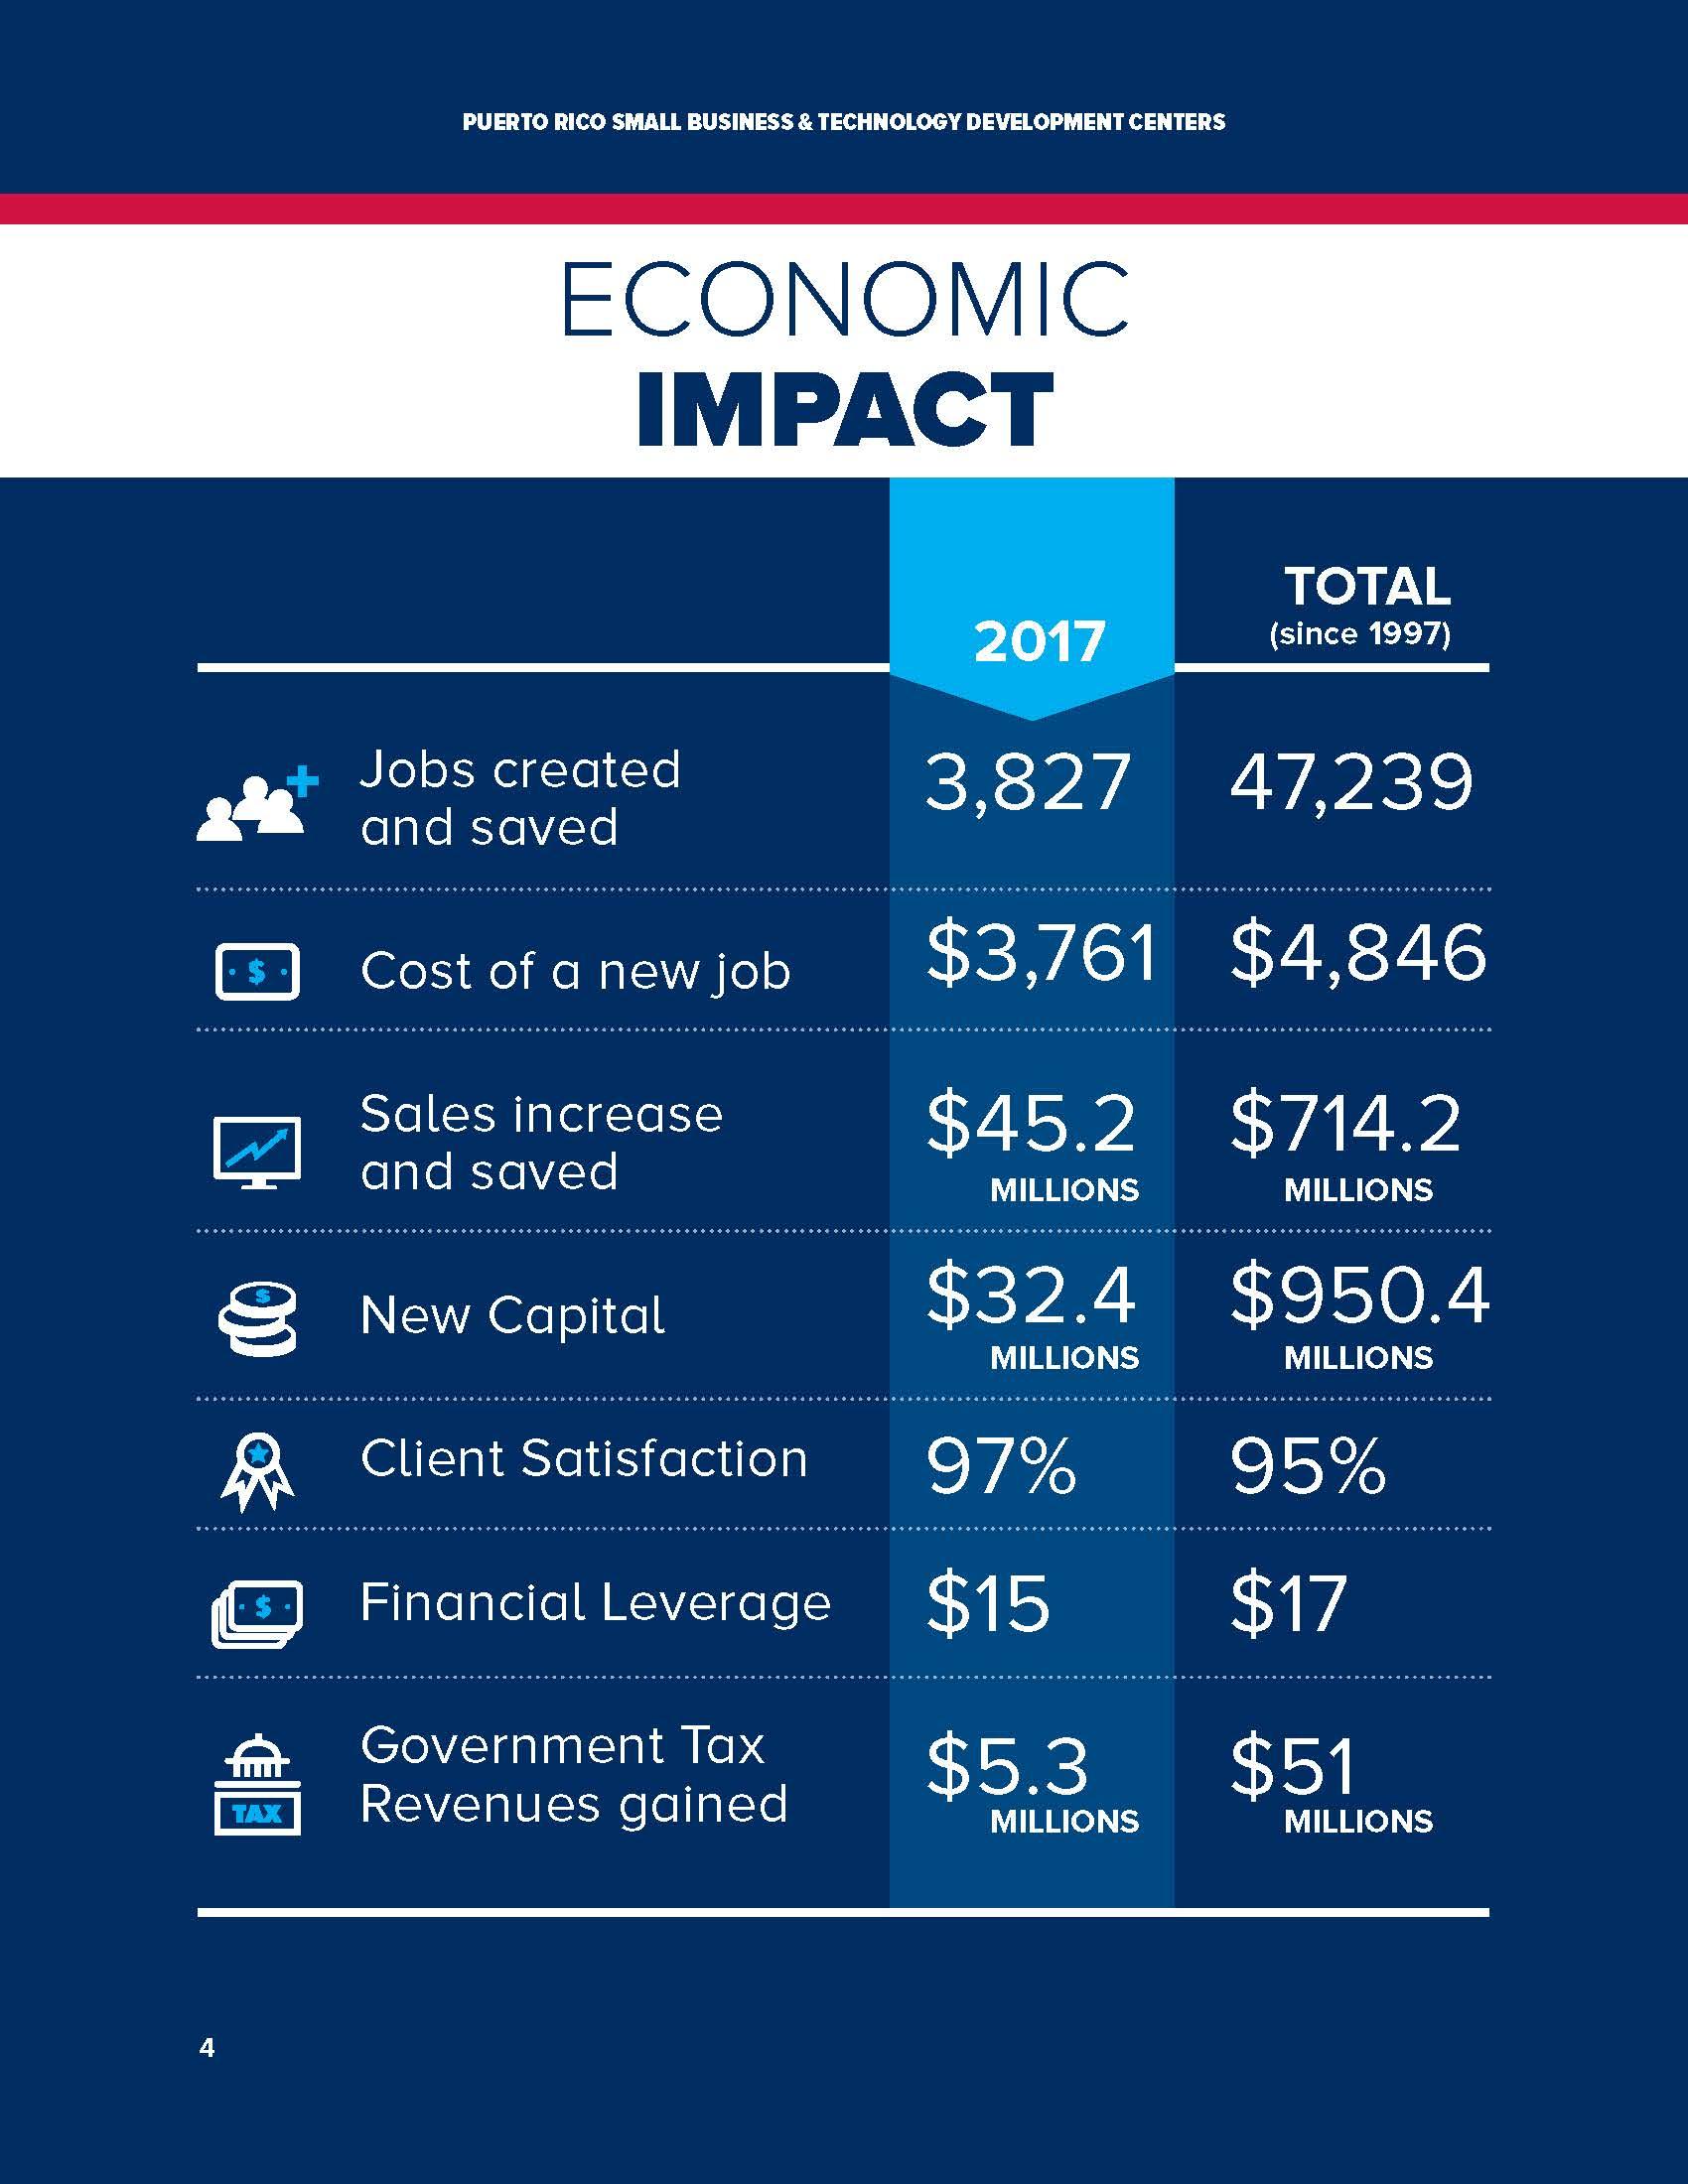 2017 economic impact